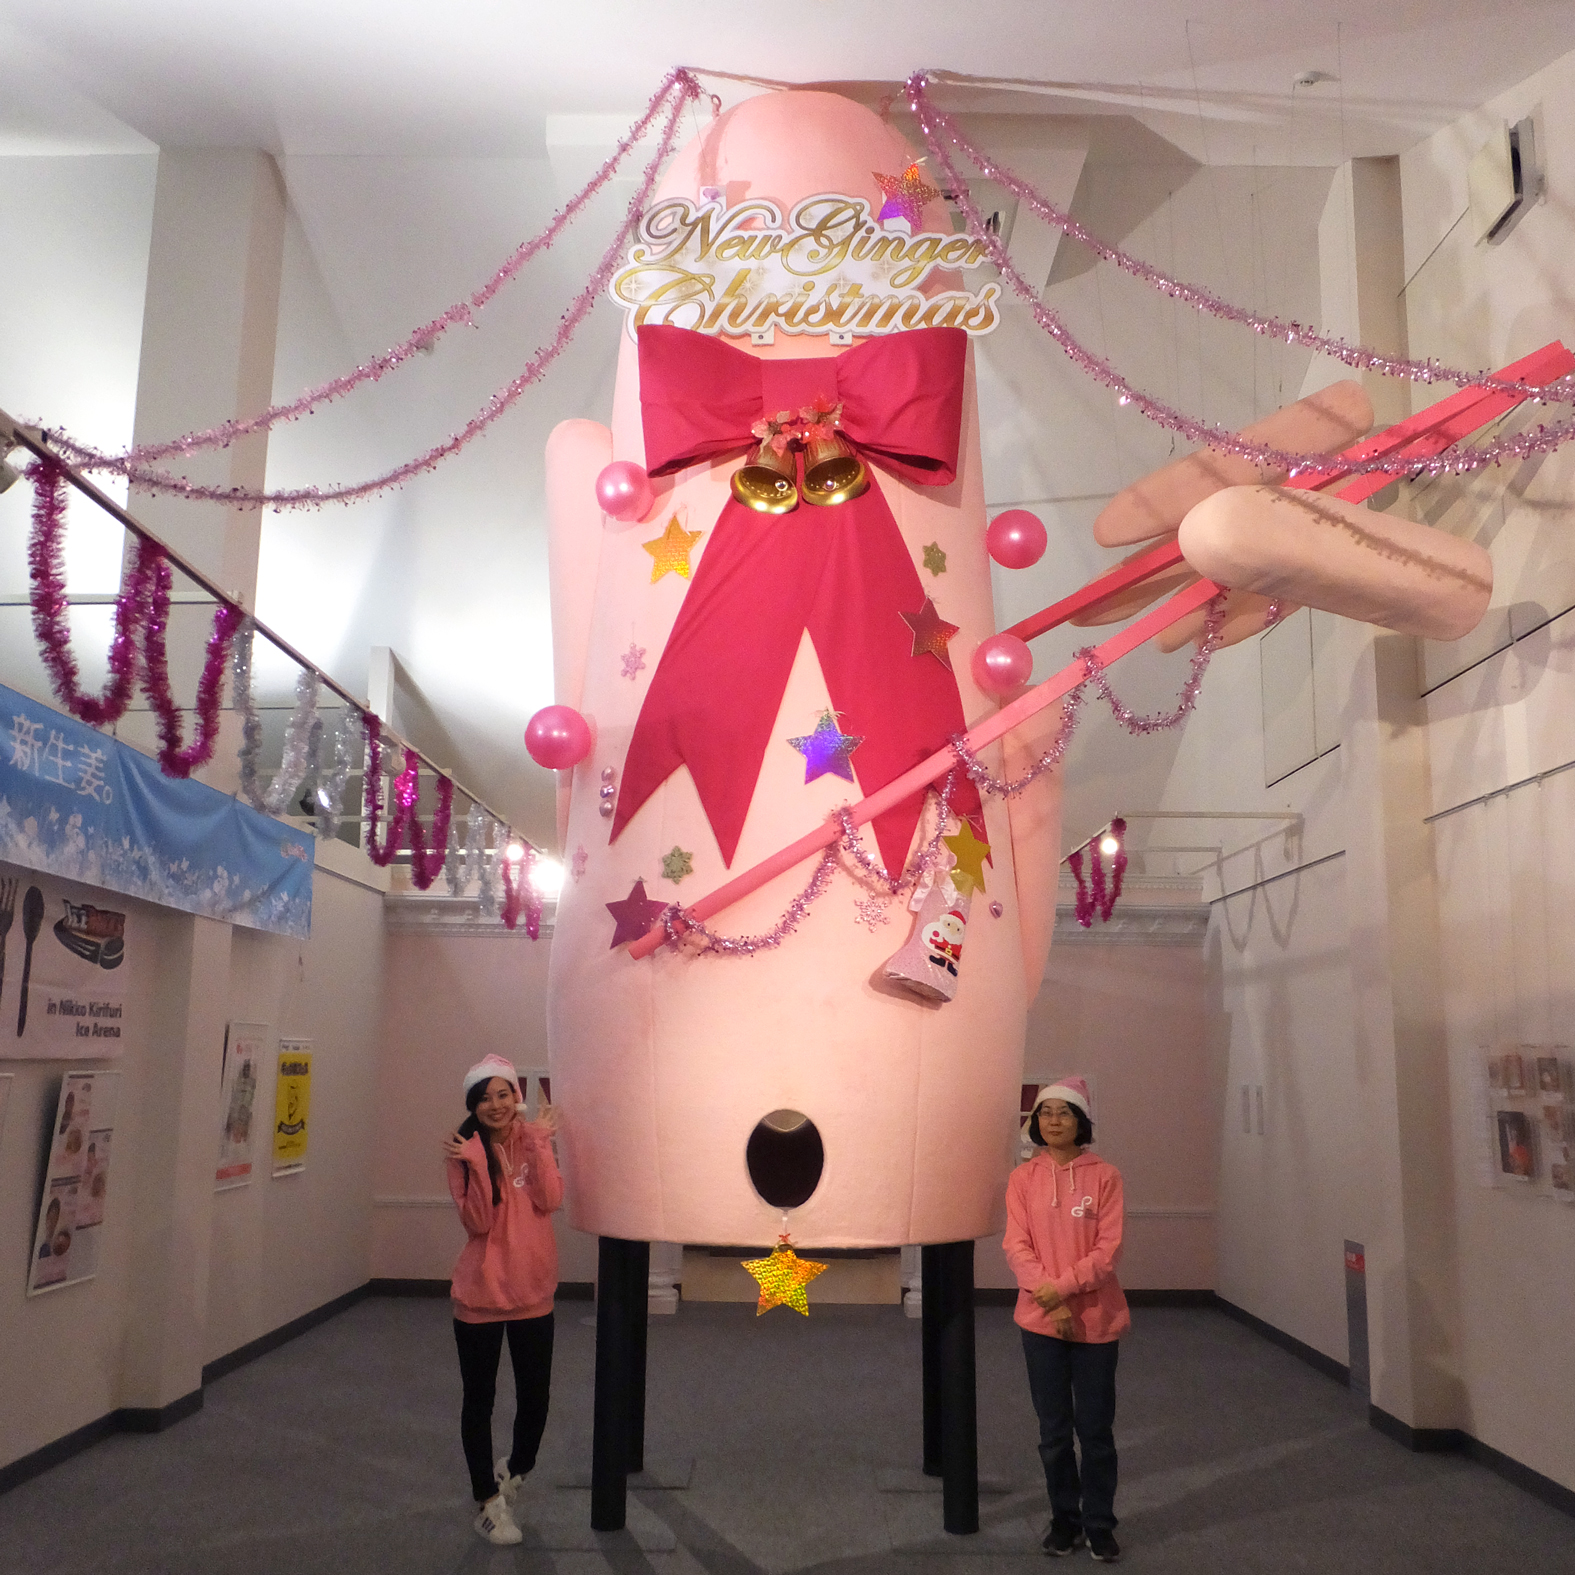 岩下新生姜ミュージアムの「ピンクで大きくて立派なアレ」がクリスマス仕様に